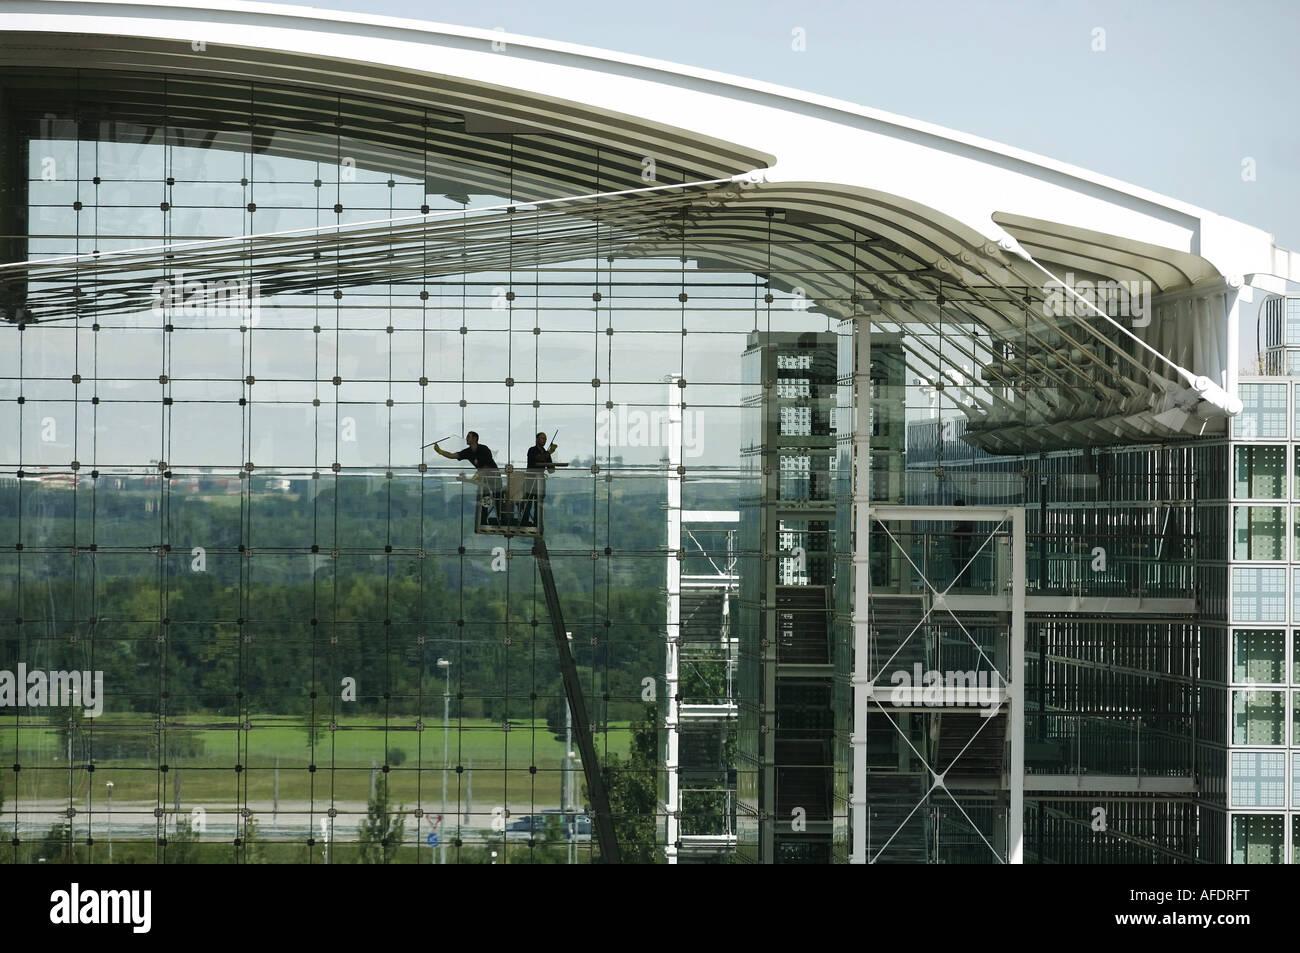 Fensterputzer putzen eine Glasfassade am Franz Josef Strauss Flughafen Muenchen Muenchen am 04 09 2007 Stock Photo